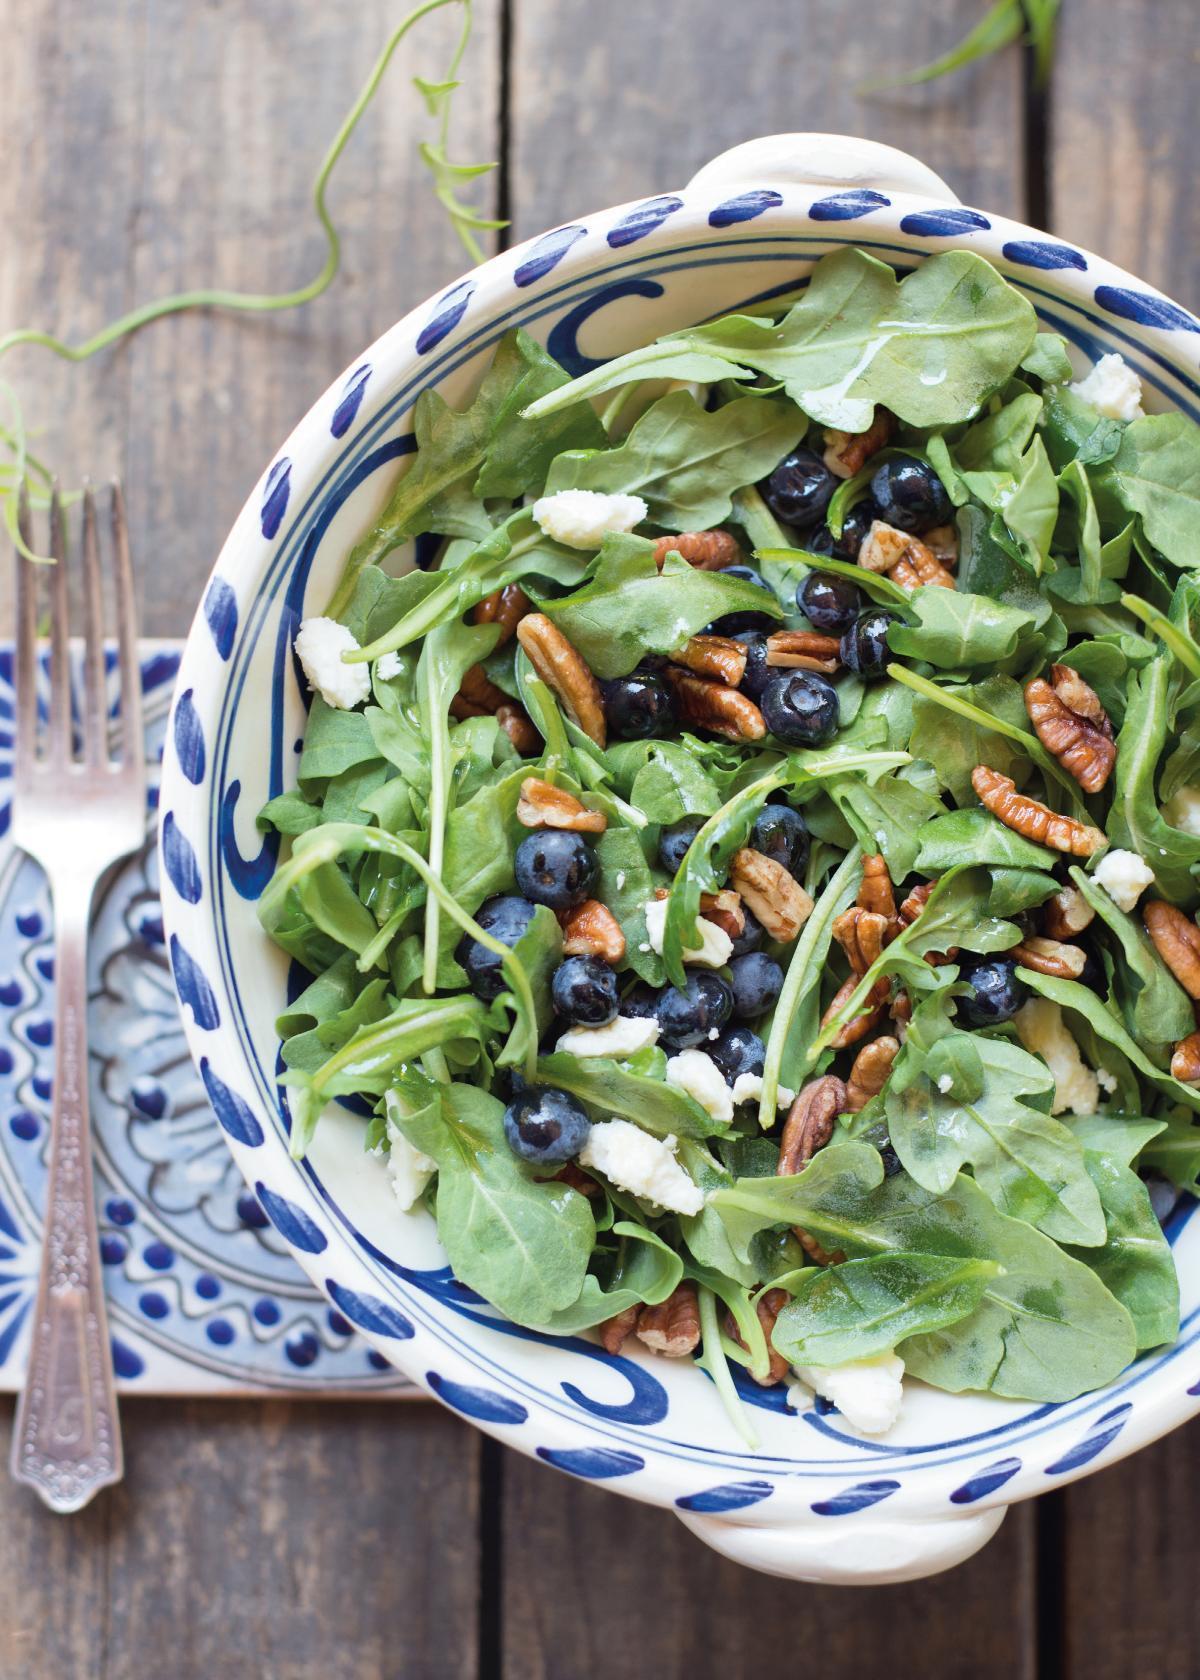 Rezepte: Rucolasalat mit Blaubeeren | NZZ Bellevue